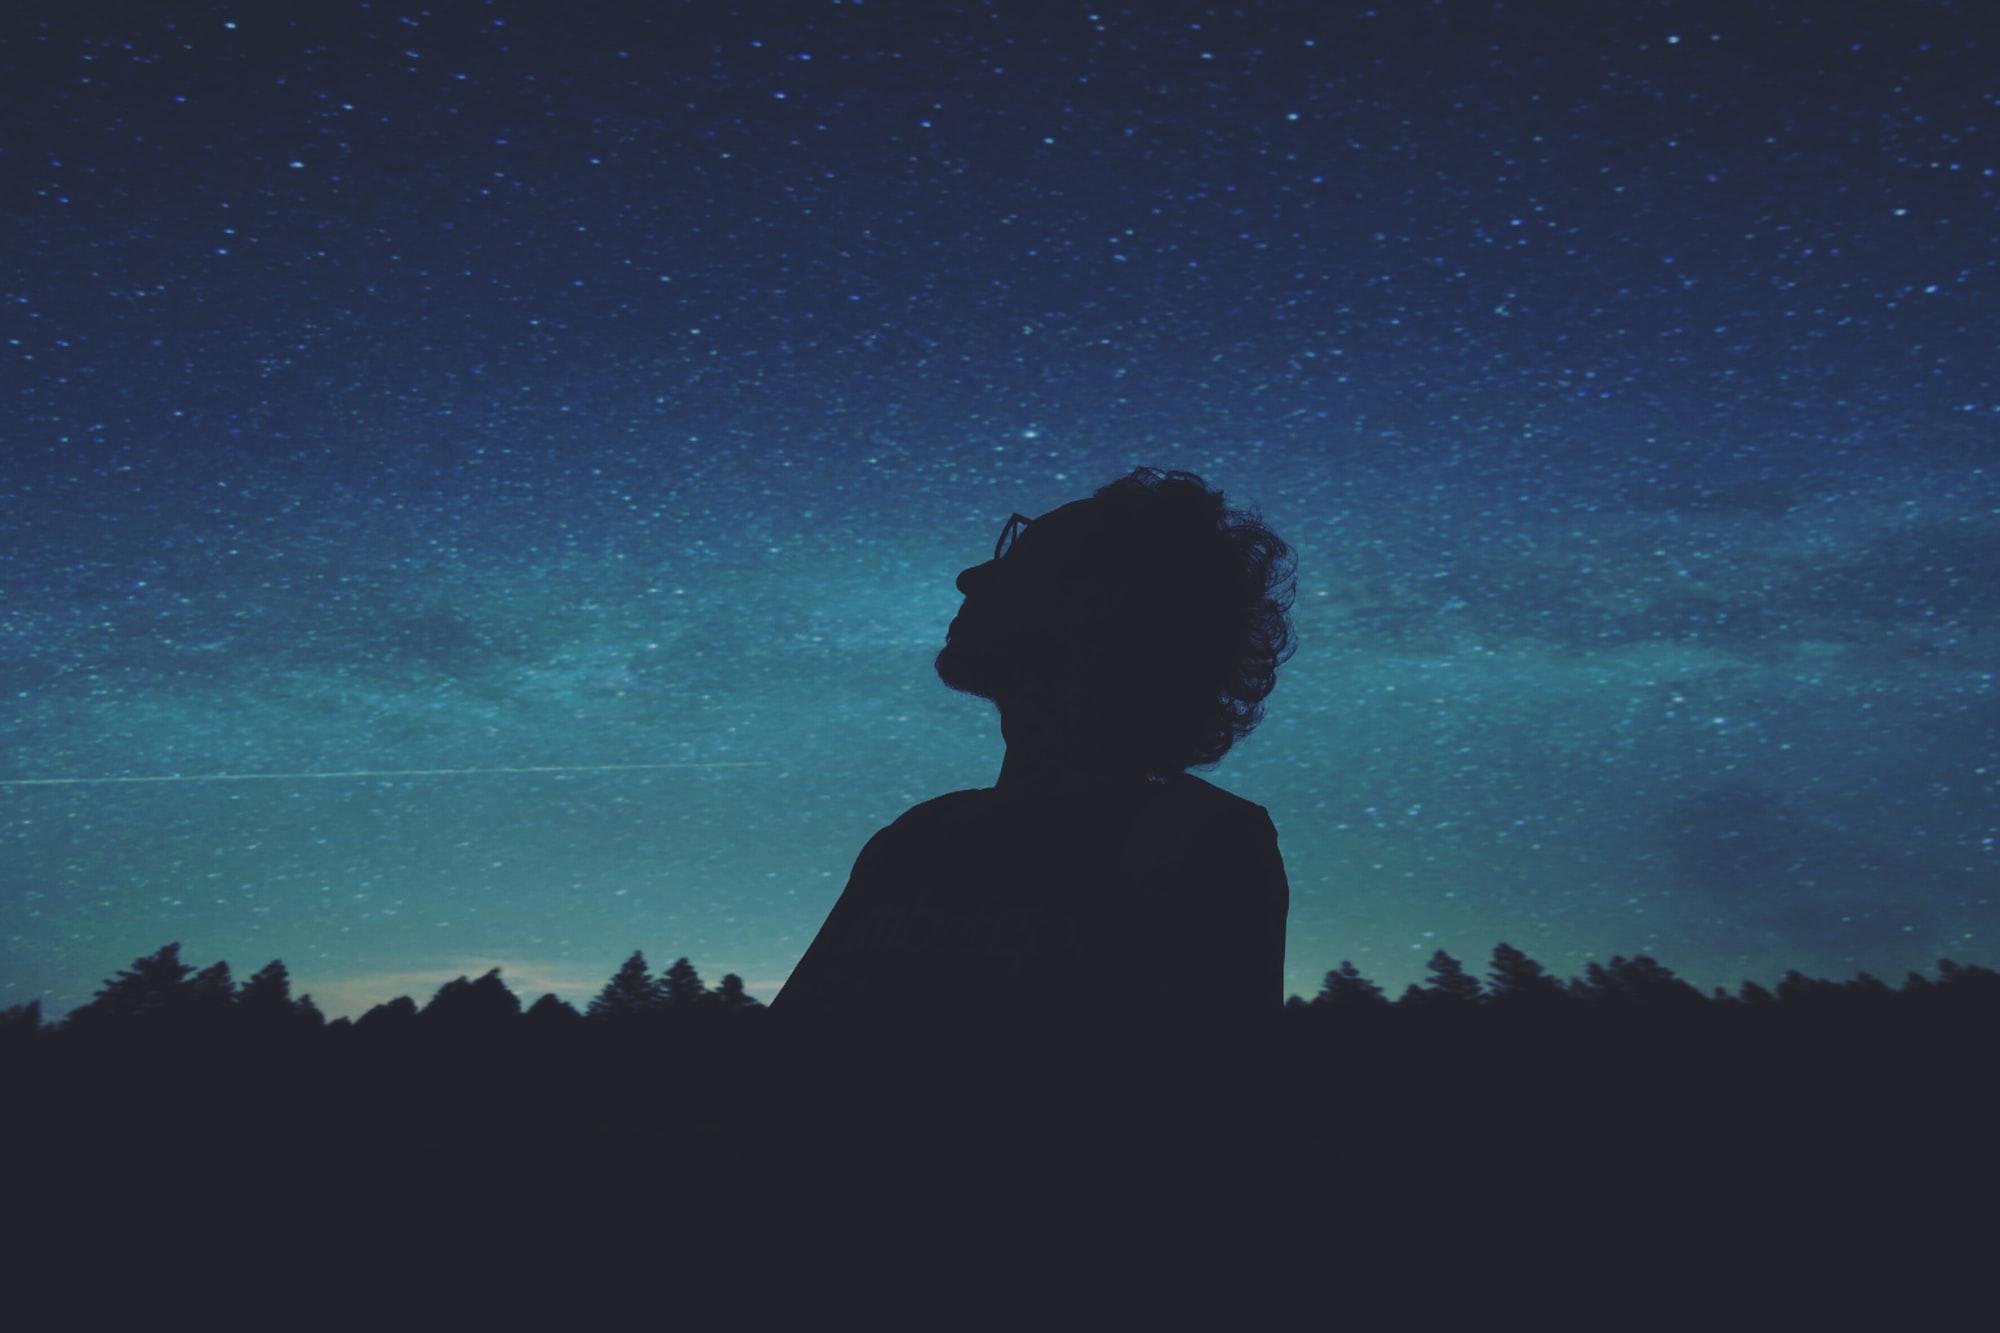 Um koji luta je nesretan um